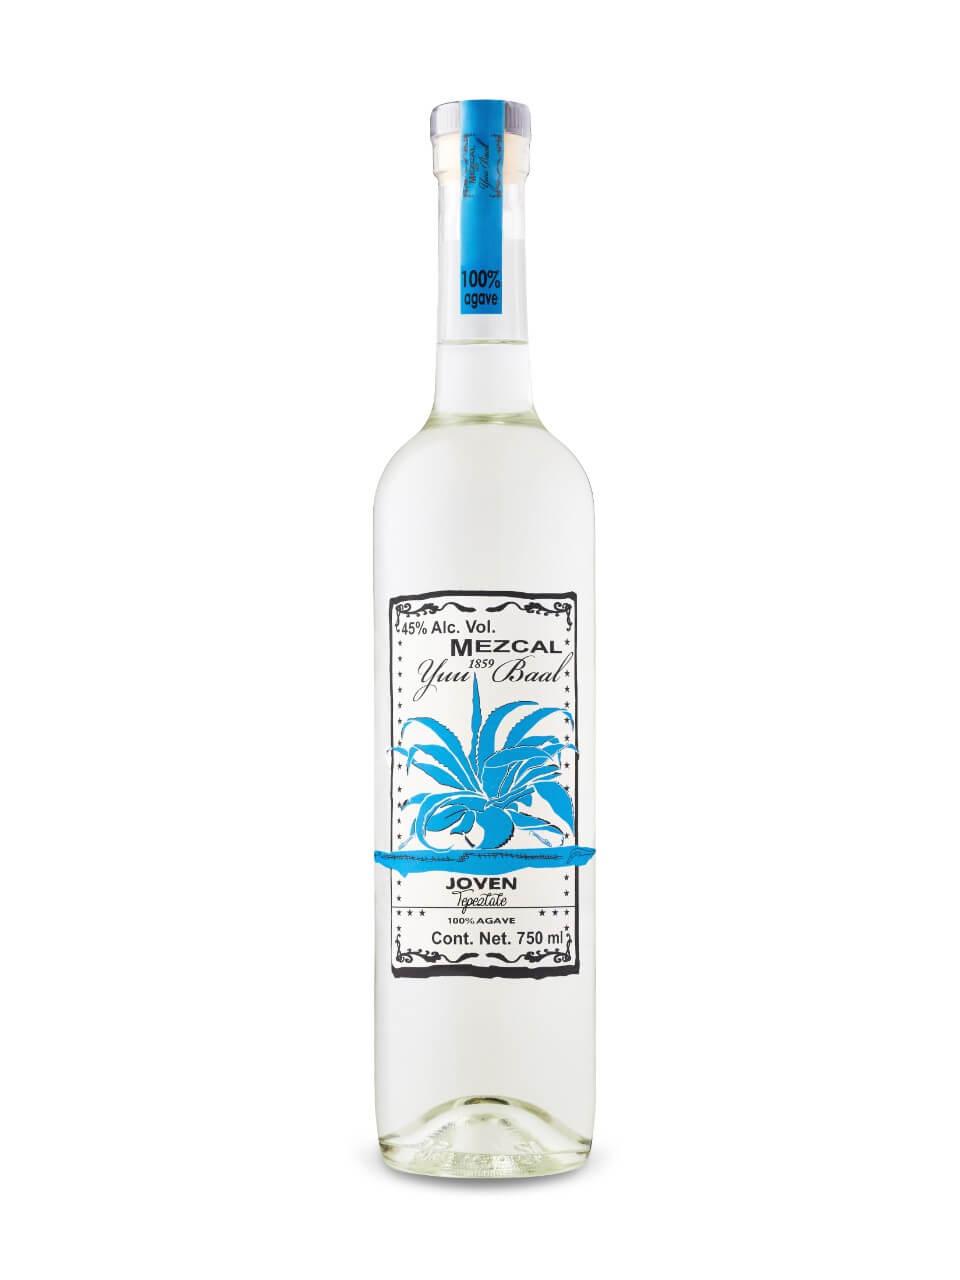 Mezcal Yuu Baal Tepeztate Joven bottle